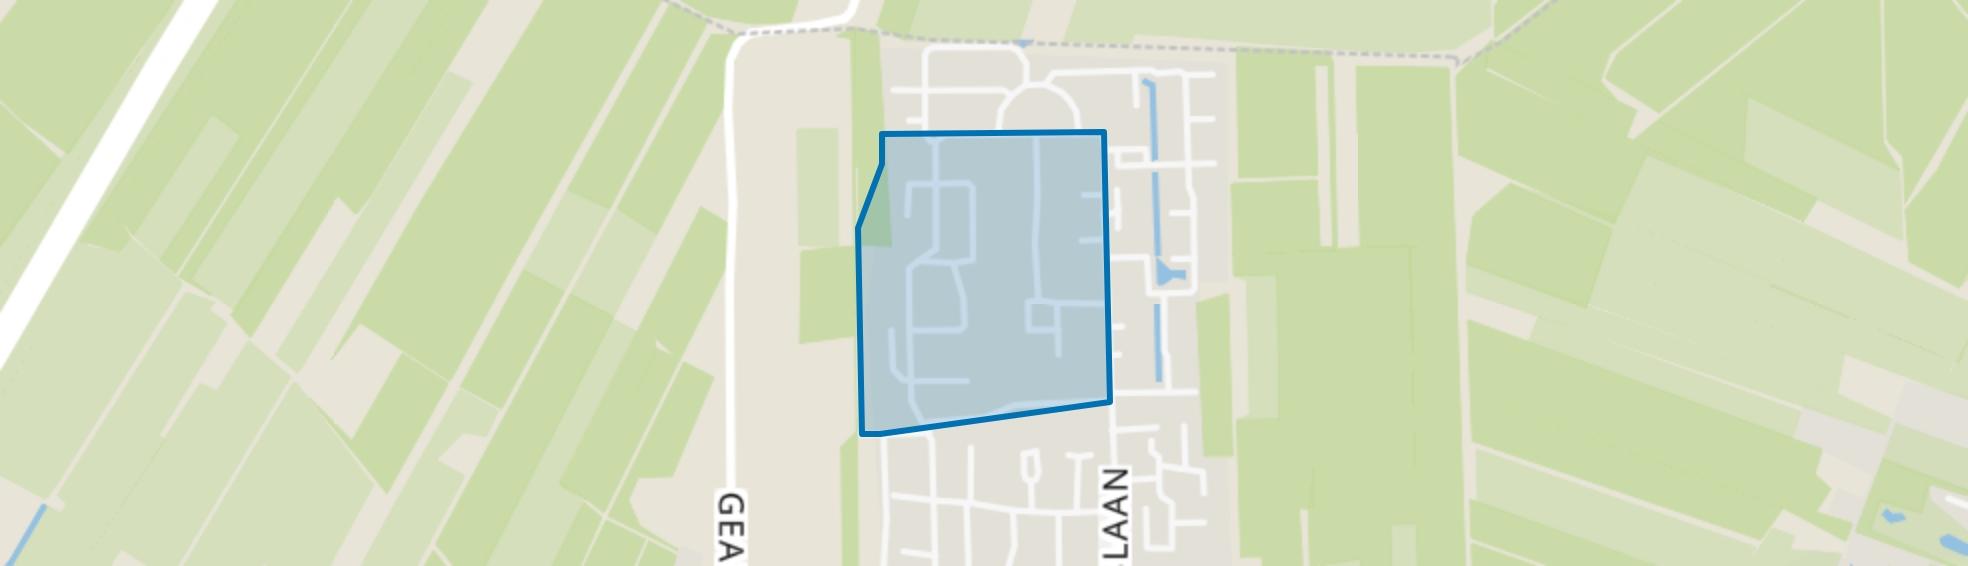 Beetsterzwaag-Singels, Beetsterzwaag map